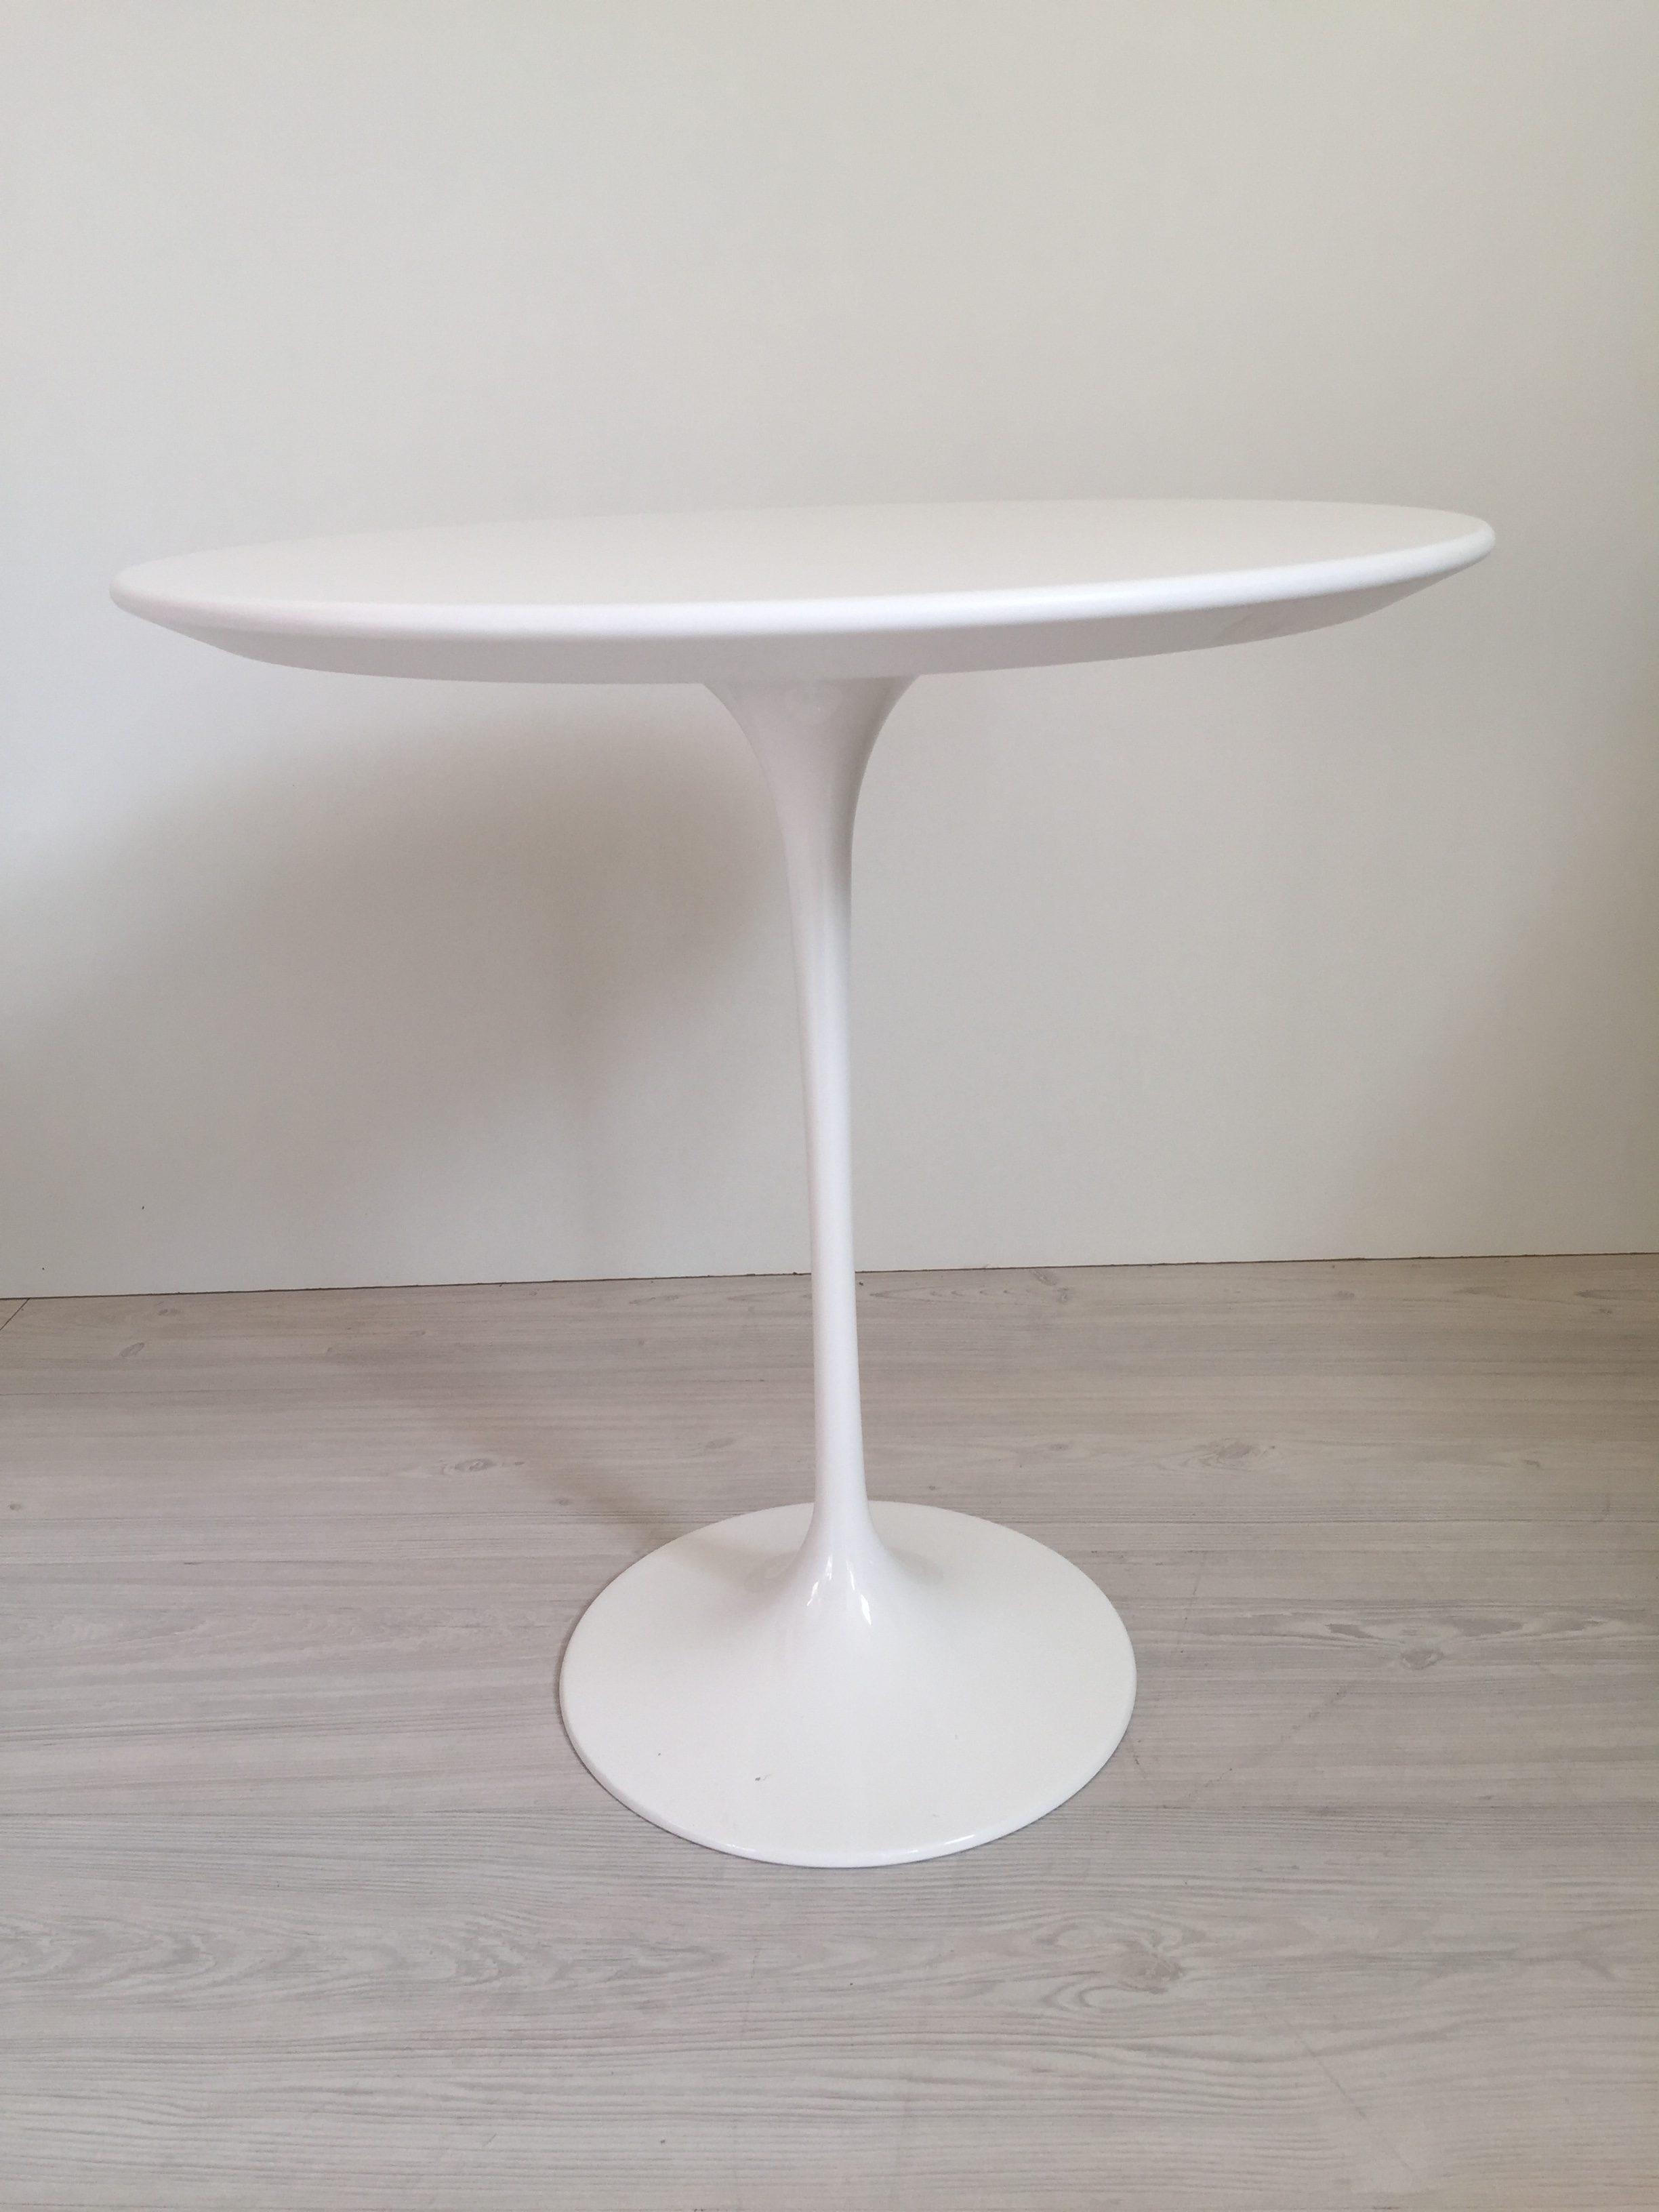 Eileen Gray Tavolino Prezzo.Tavolino Tulipano Con Piano Laminato Liquido Bianco Da Cm 41 O Cm